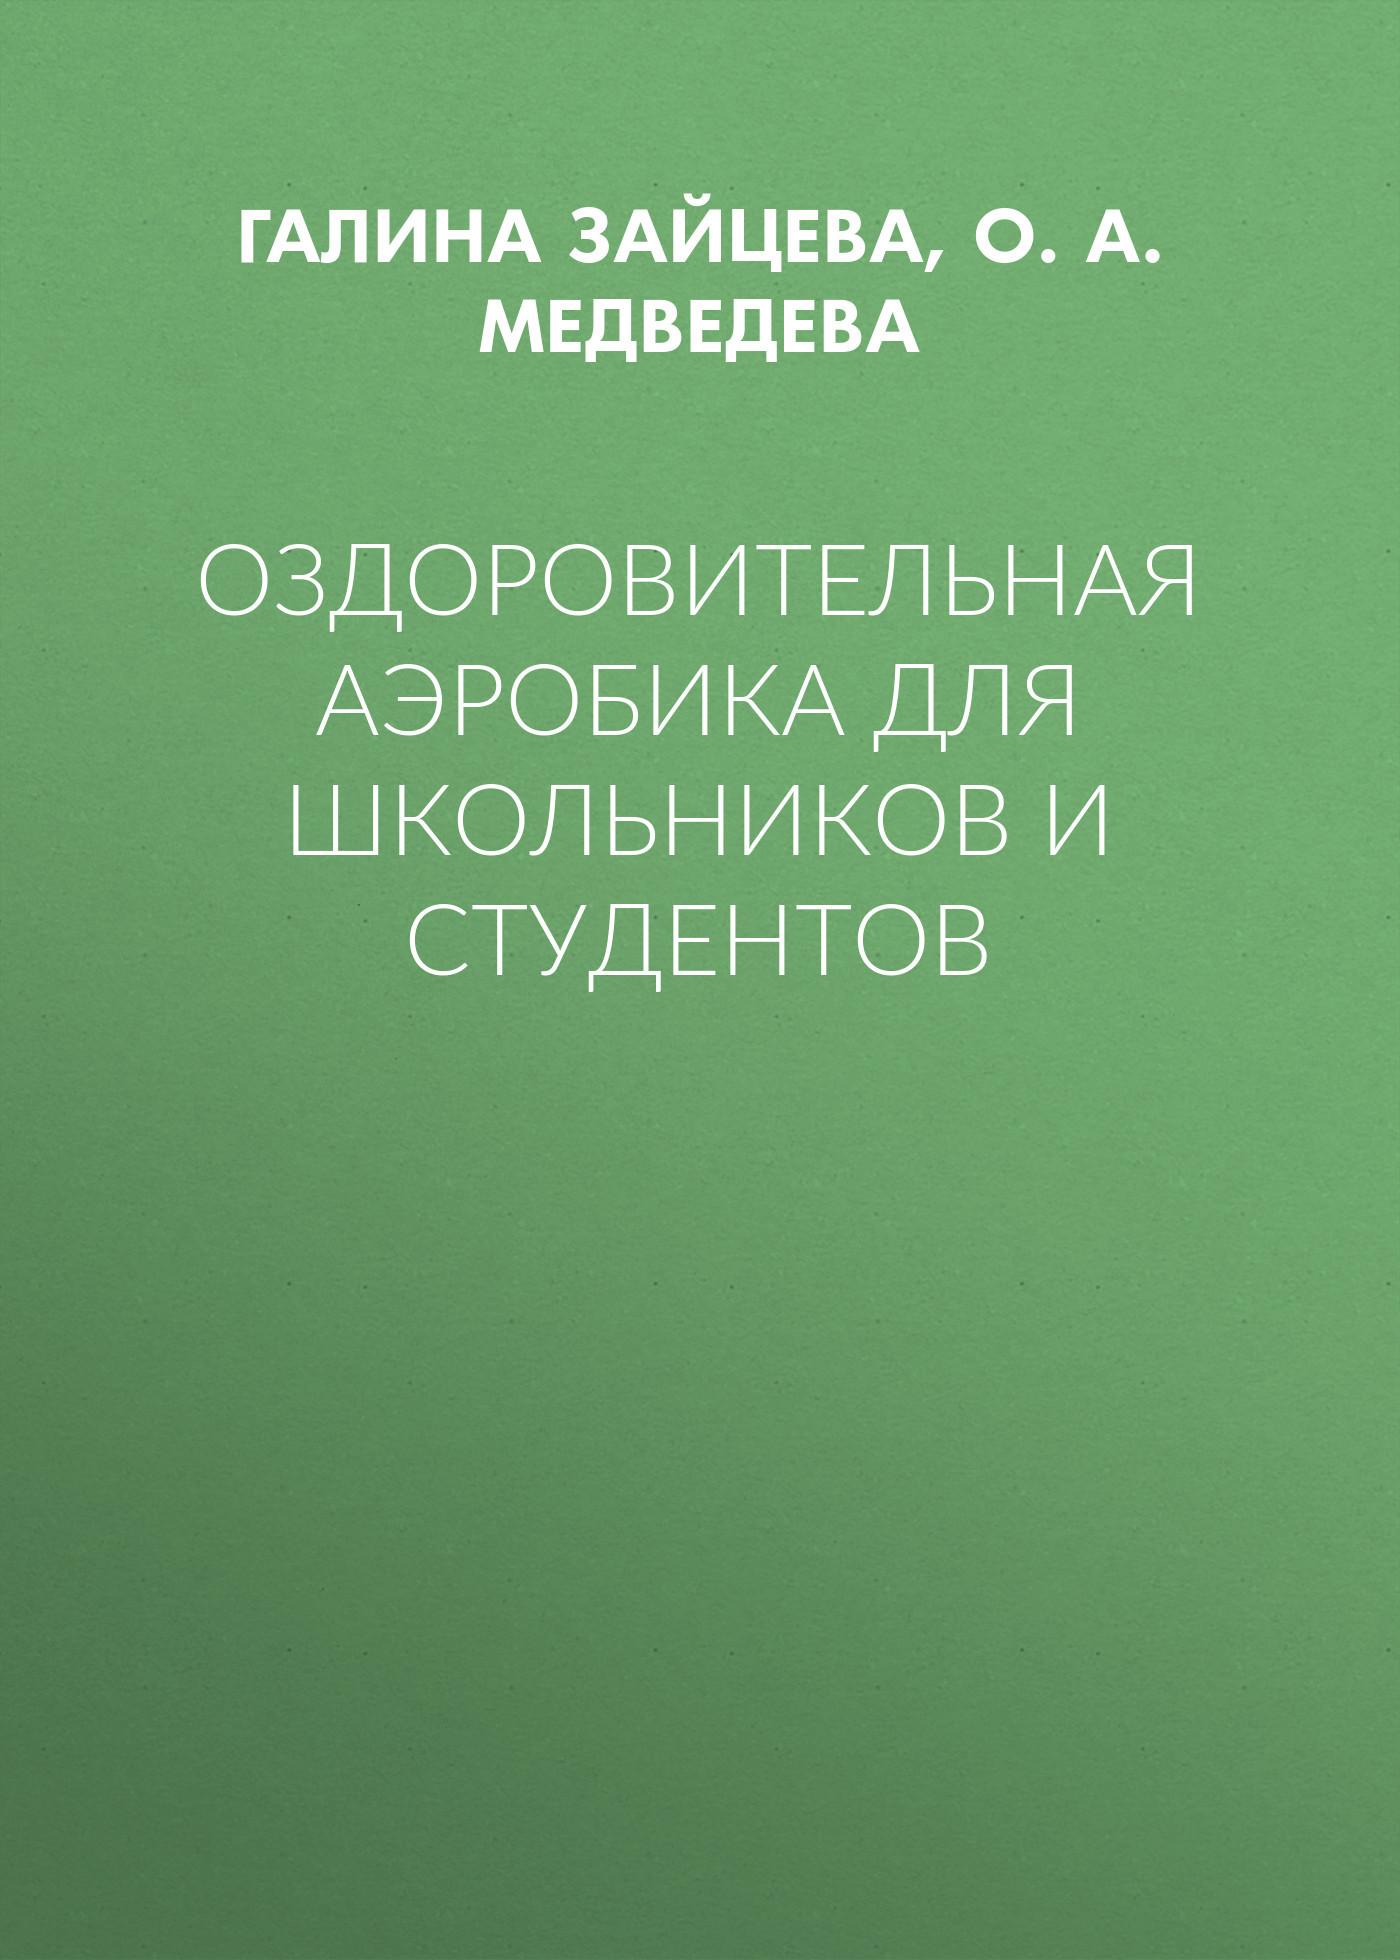 О. А. Медведева Оздоровительная аэробика для школьников и студентов